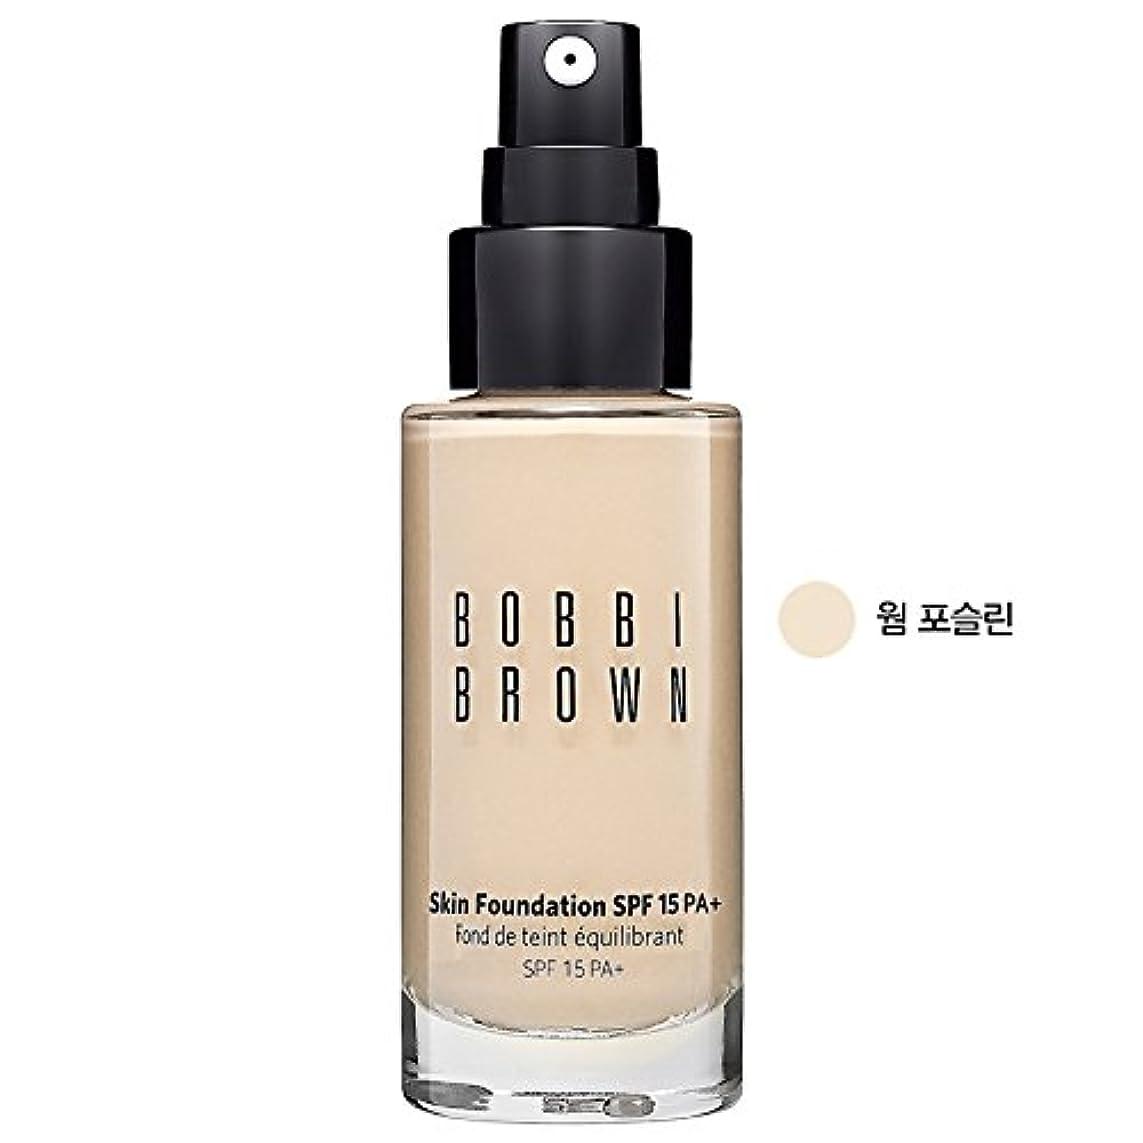 コントローラ見る成功するBOBBI BROWN ボビイ ブラウン スキン ファンデーション SPF15 PA+ #0.5 Warm Porcelain 30ml [並行輸入品]